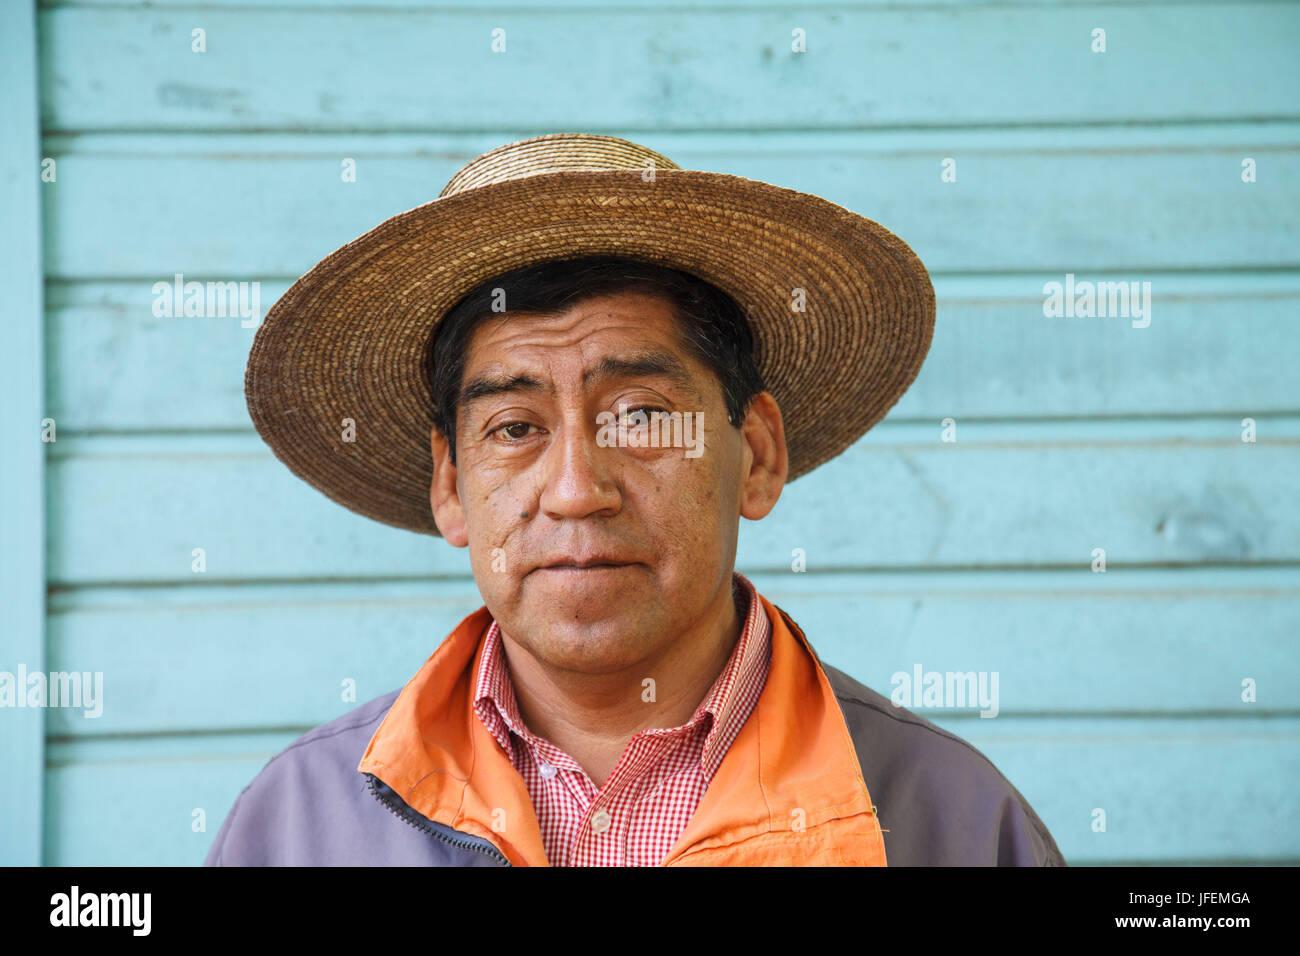 Chile, Araucania, Alto bio bio, Mapuche, man, scholar, - Stock Image